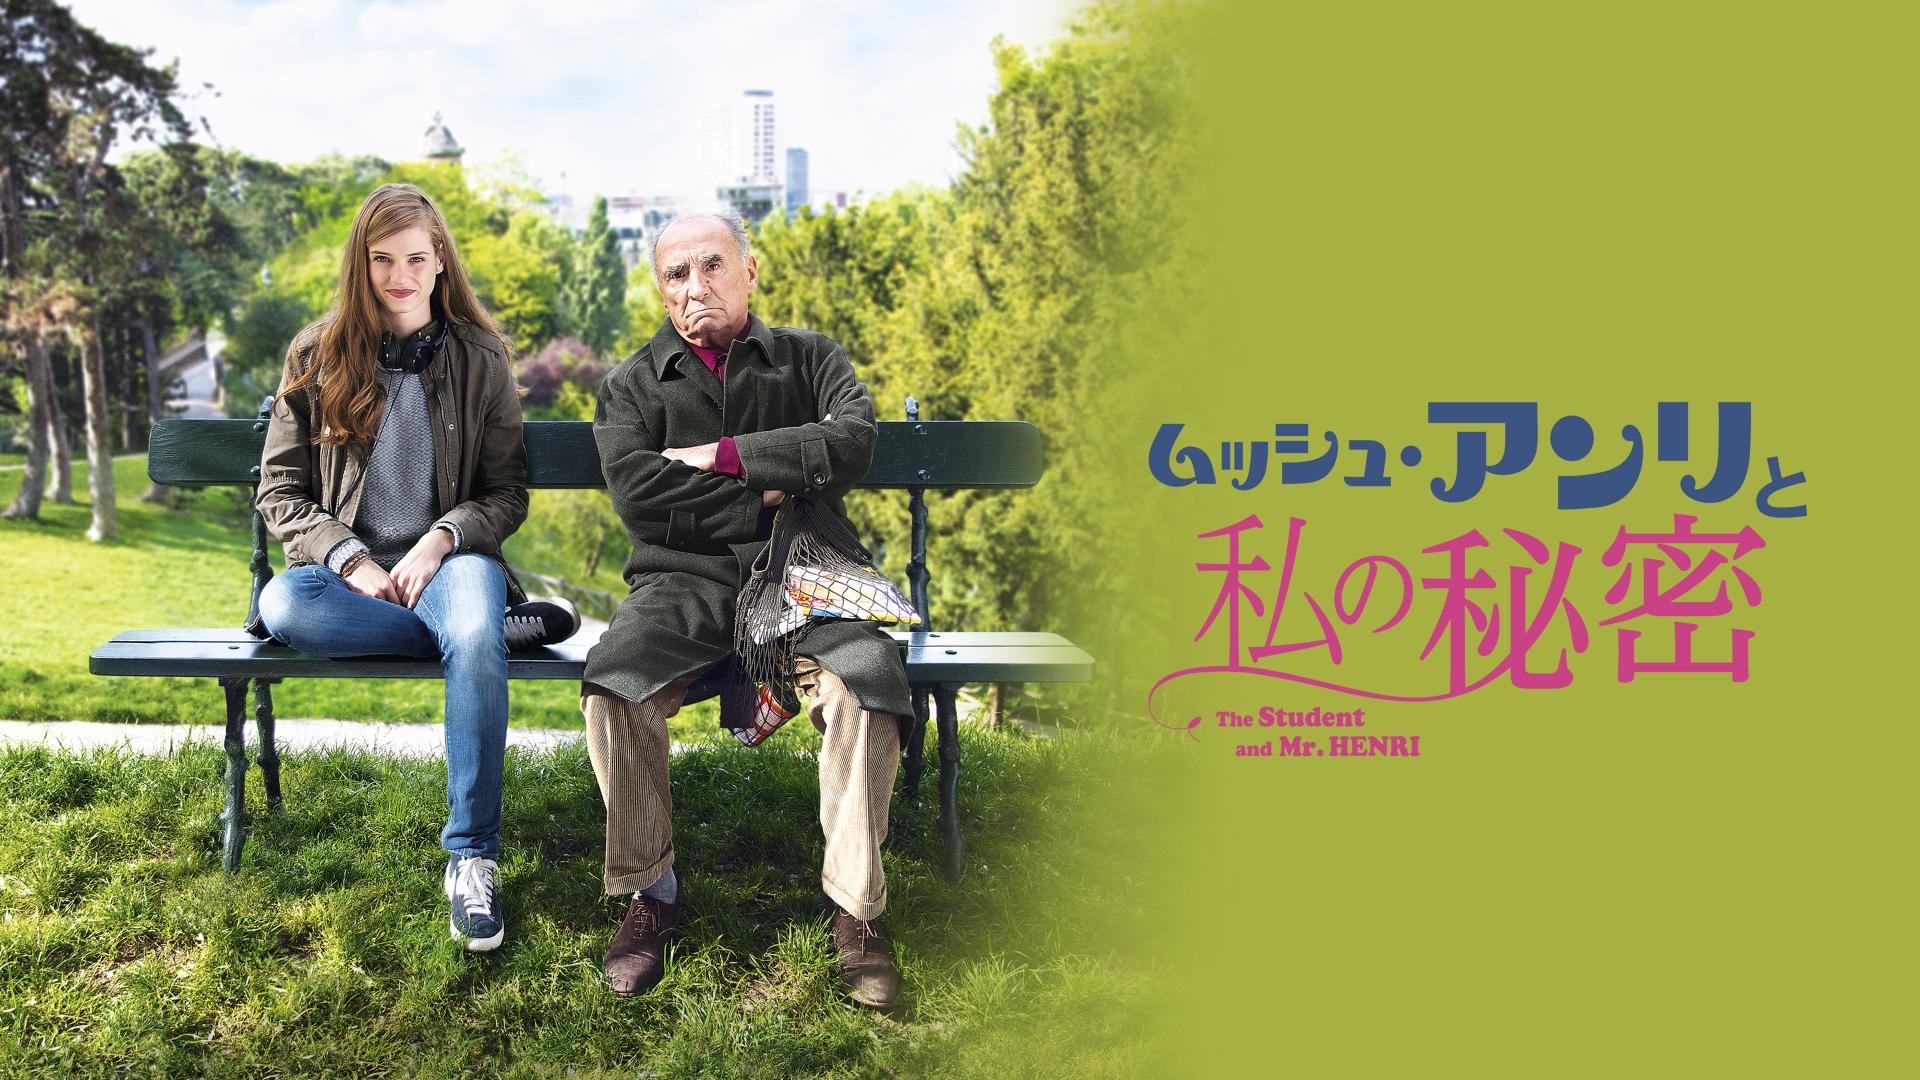 ムッシュ・アンリと私の秘密(字幕版)